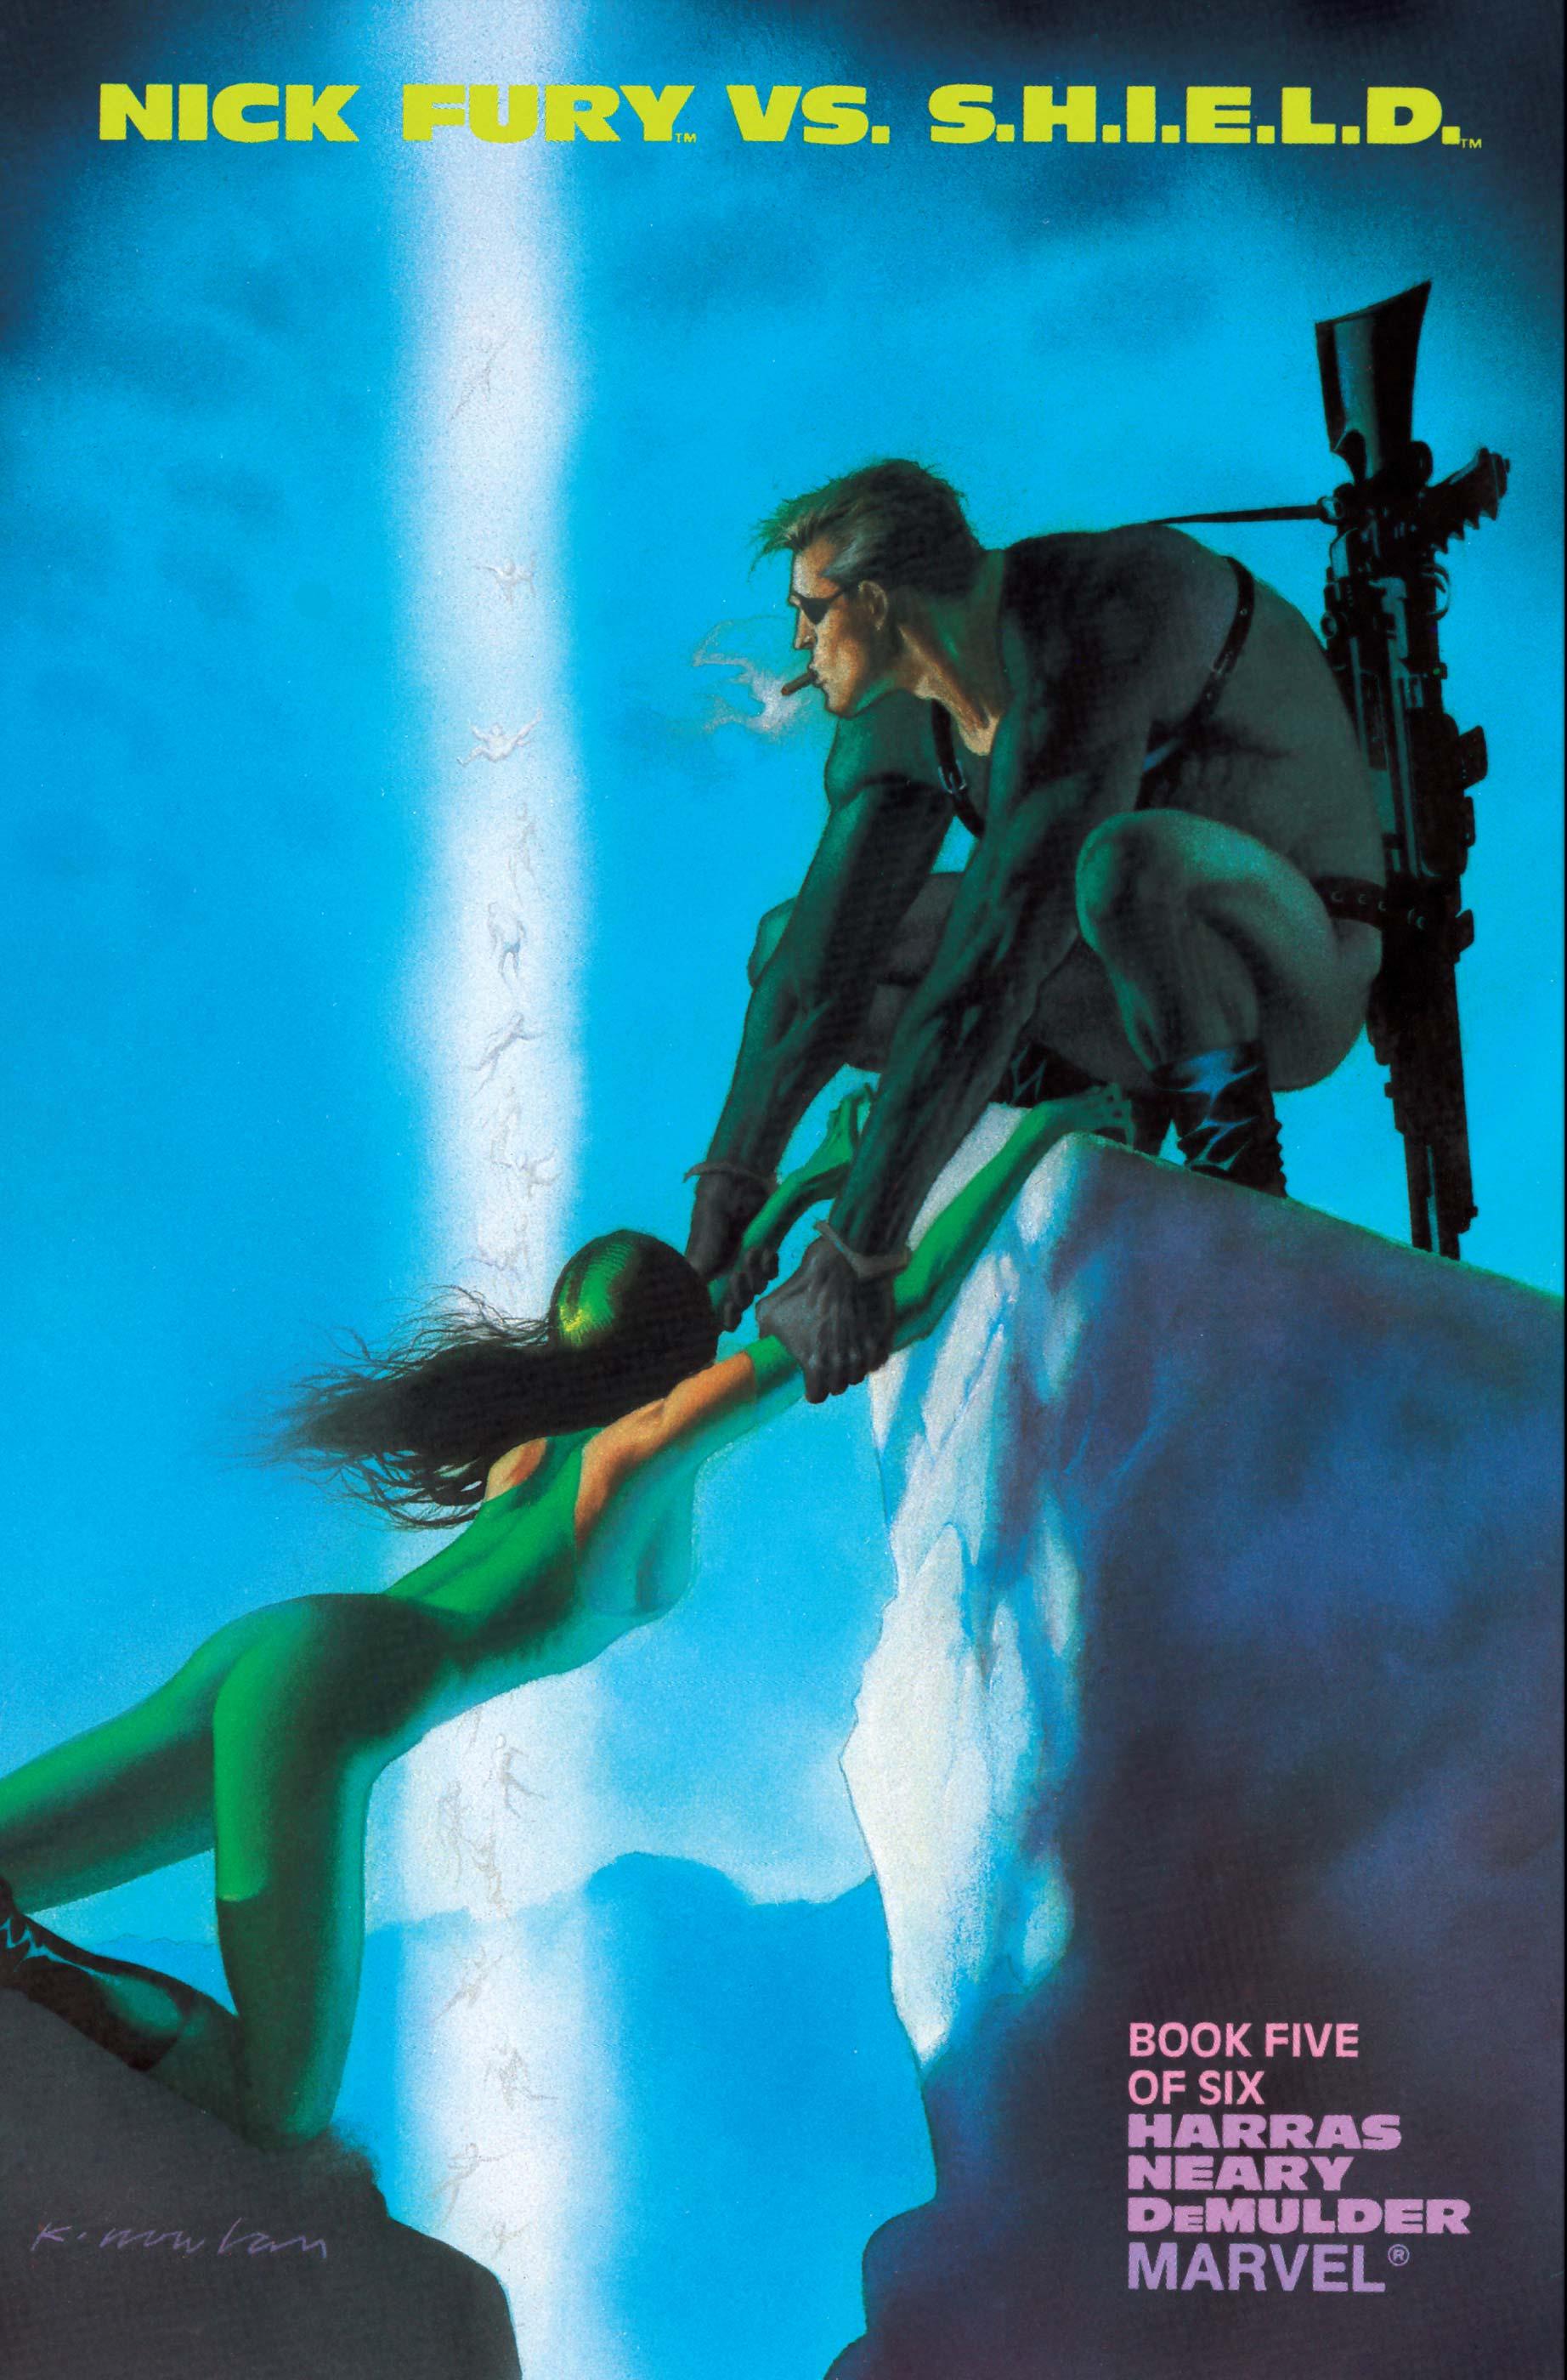 Nick Fury Vs. S.H.I.E.L.D. (1988) #5